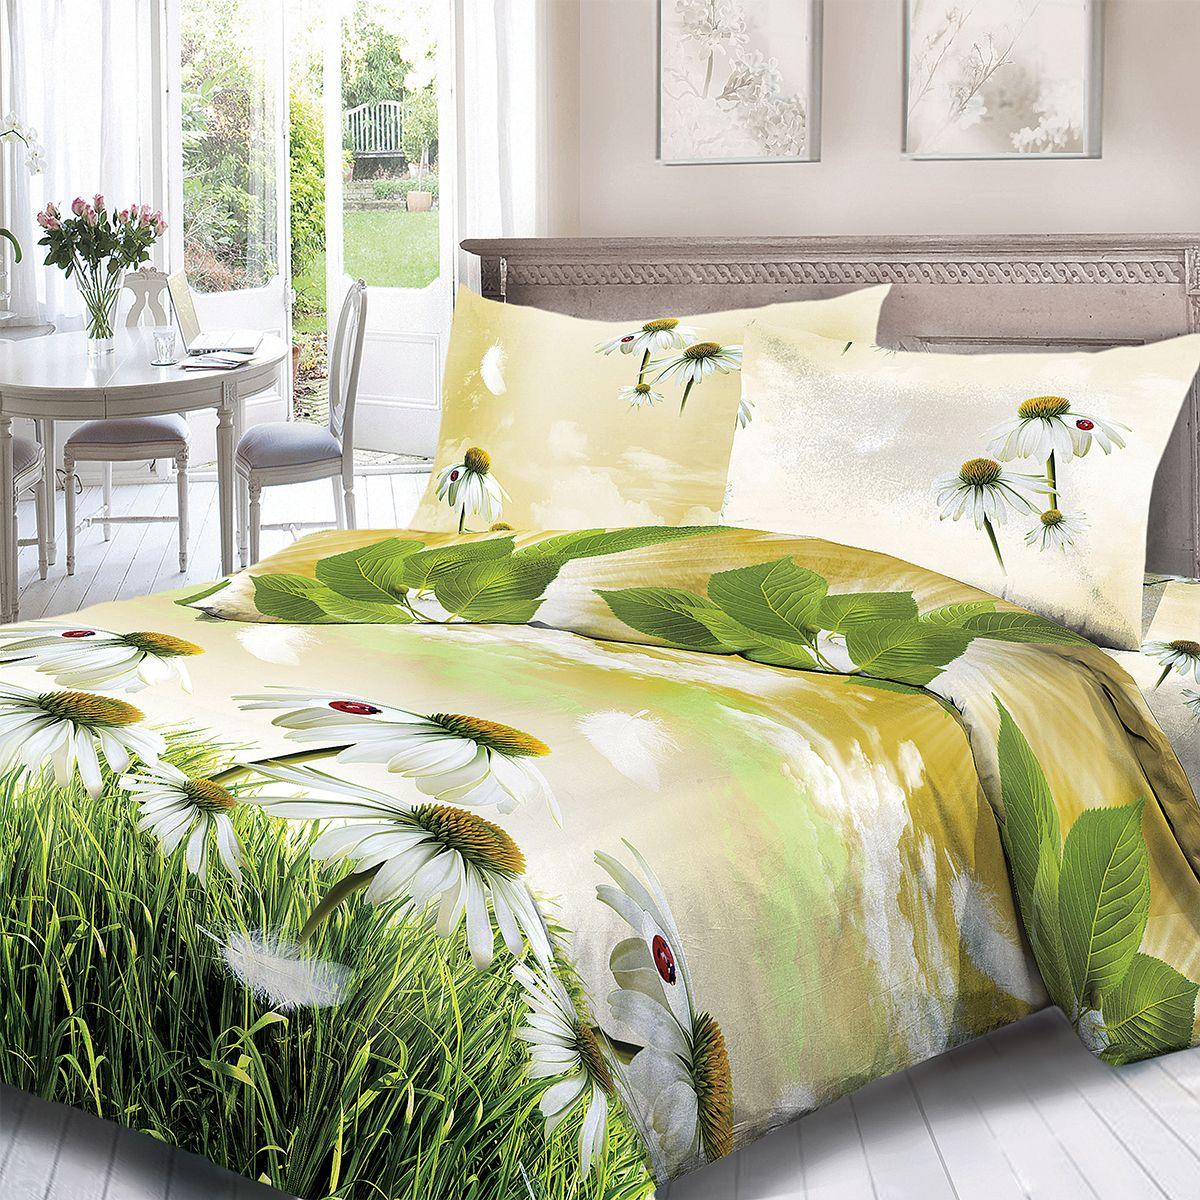 Комплект белья Для Снов Эхо, 1,5-спальное, наволочки 70x70, цвет: зеленый83516Постельное белье из высококачественного поплина ( Ткань Традиция) , в составе которого находится только 100% мерсеризованный хлопок - это идеальный выбор современной женщины. Мерсеризация подчеркивает лучшие свойства хлопка: - Ткань прочнее обычной, при этом мягкая и шелковистая; - Цвета яркие и устойчивые; - Высокая гигроскопичность; - Меньше мнется, не линяет и не садится при многократных стирках; При производстве используются только безопасные красители ведущего швейцарского производителя BEZEMA Коллекция отличается тщательно проработанными современными дизайнами, разделенными на тематические группы. Созданные талантливыми европейскими и российскими художниками, они поражают своей нежной красотой, а восхитительная упаковка придает комплекту подарочный вид. Плотность ткани: 110 г/м.кв.